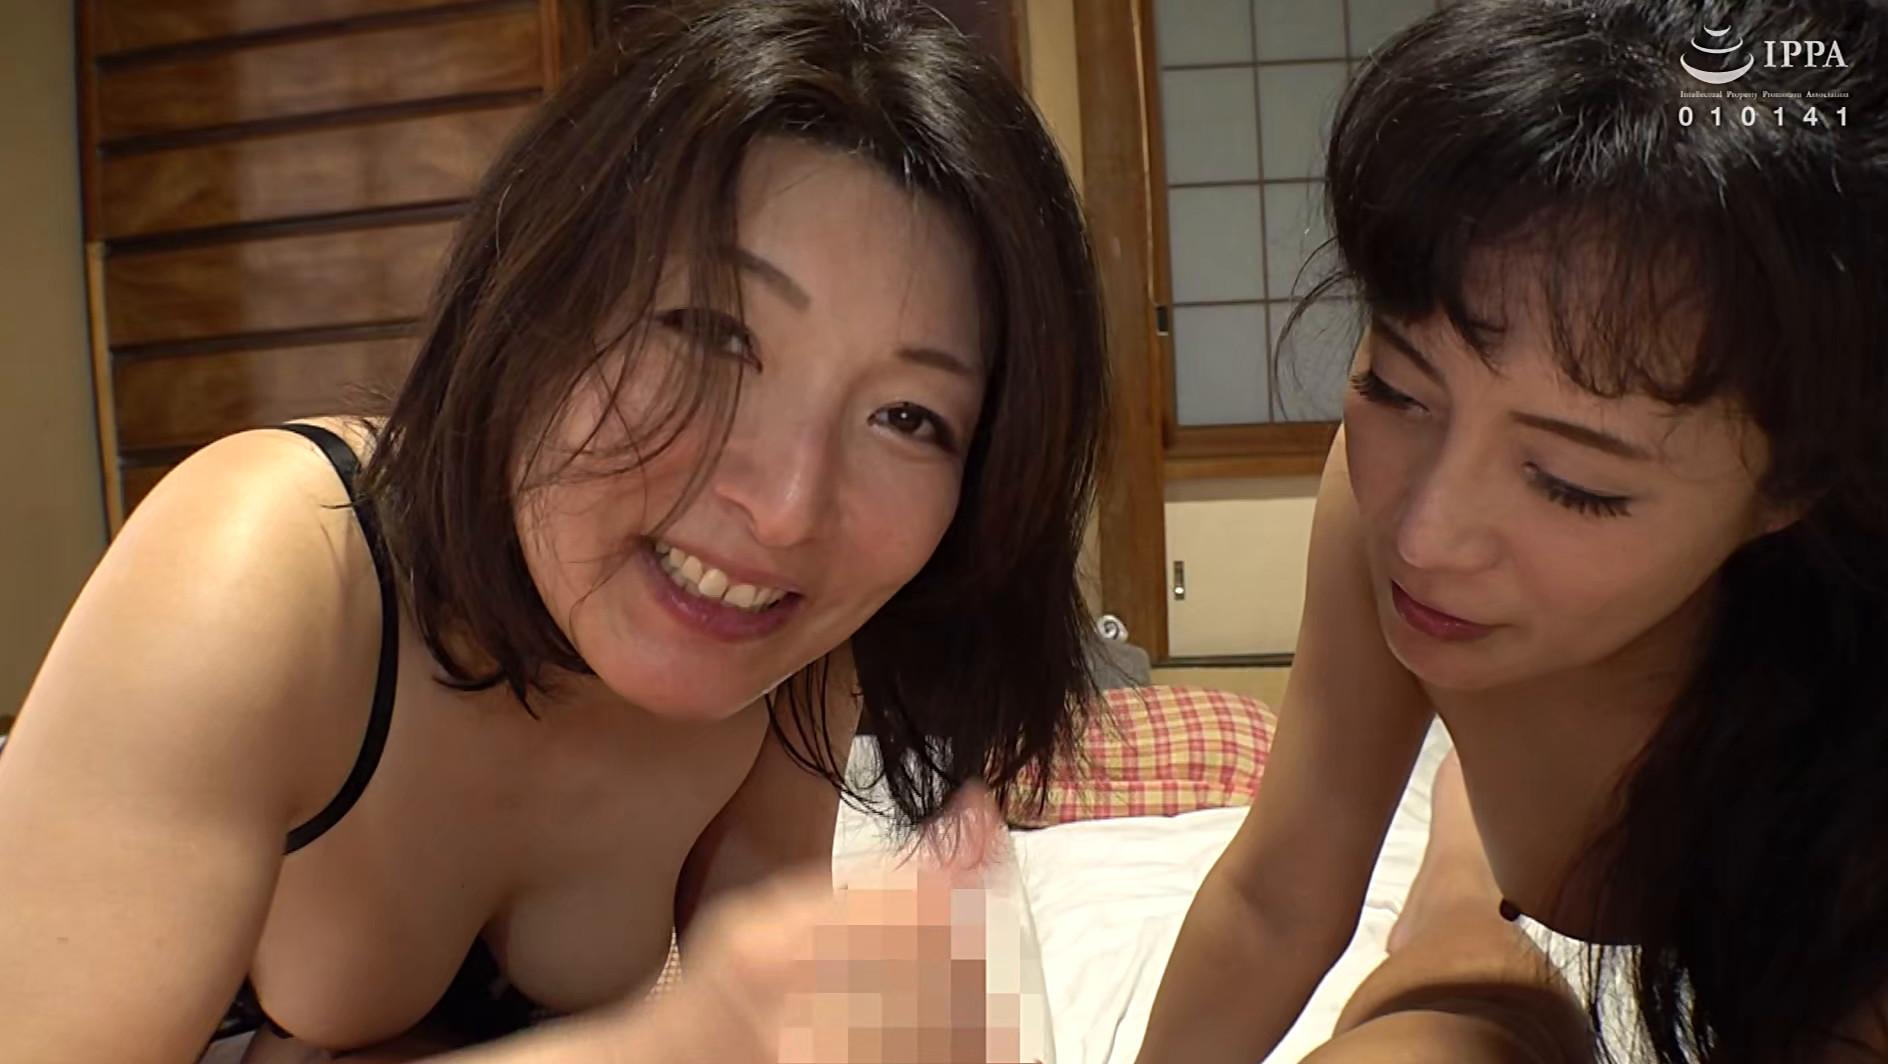 近親交姦 愛する息子をスワッピングして楽しむ2人の痴母,のサンプル画像30